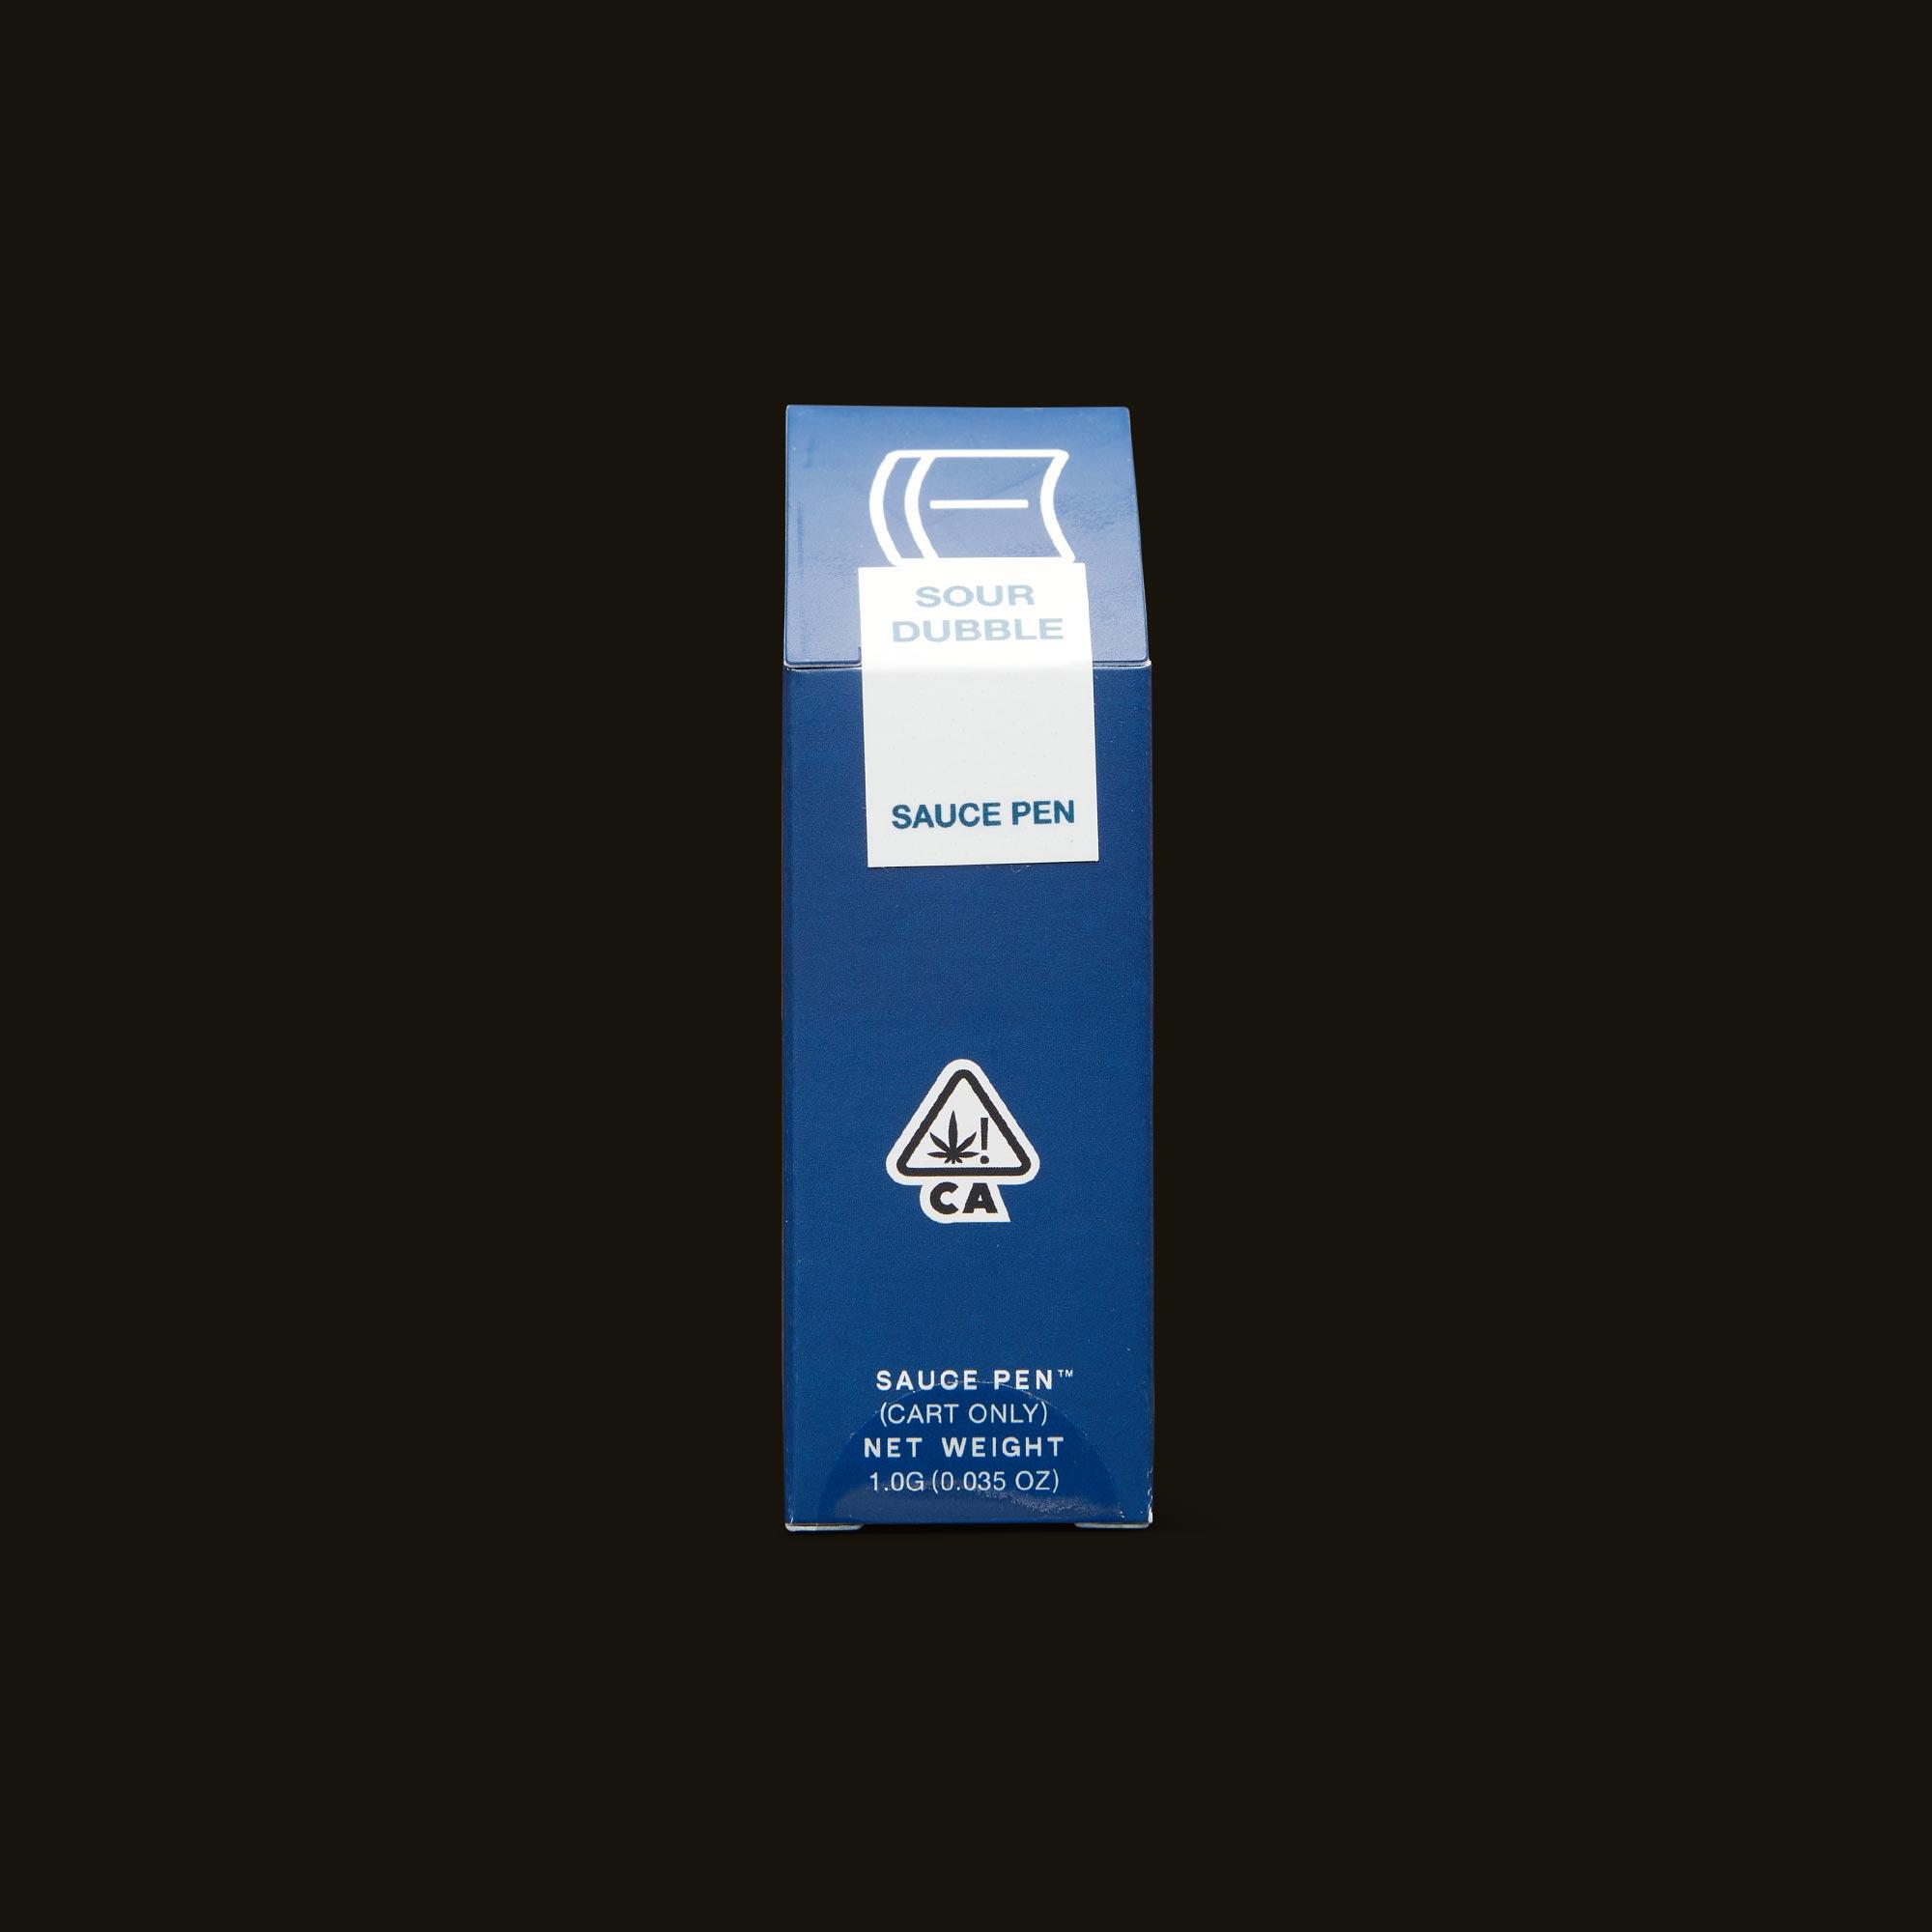 Sour Dubble Sauce Pen - 1g cartridge